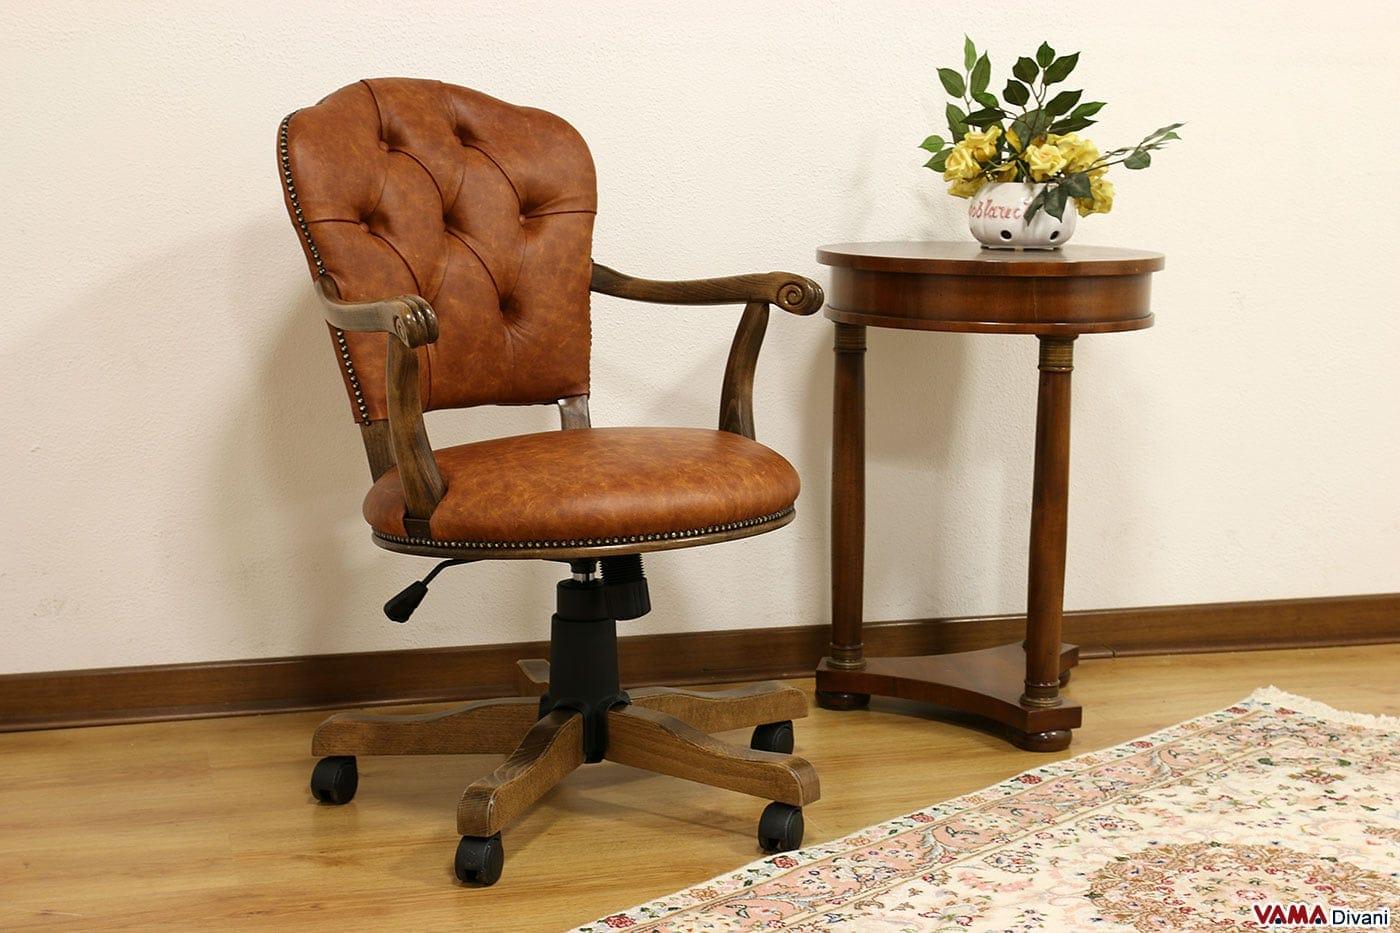 Sedia da scrivania per ufficio rachele vama divani for Sedia girevole